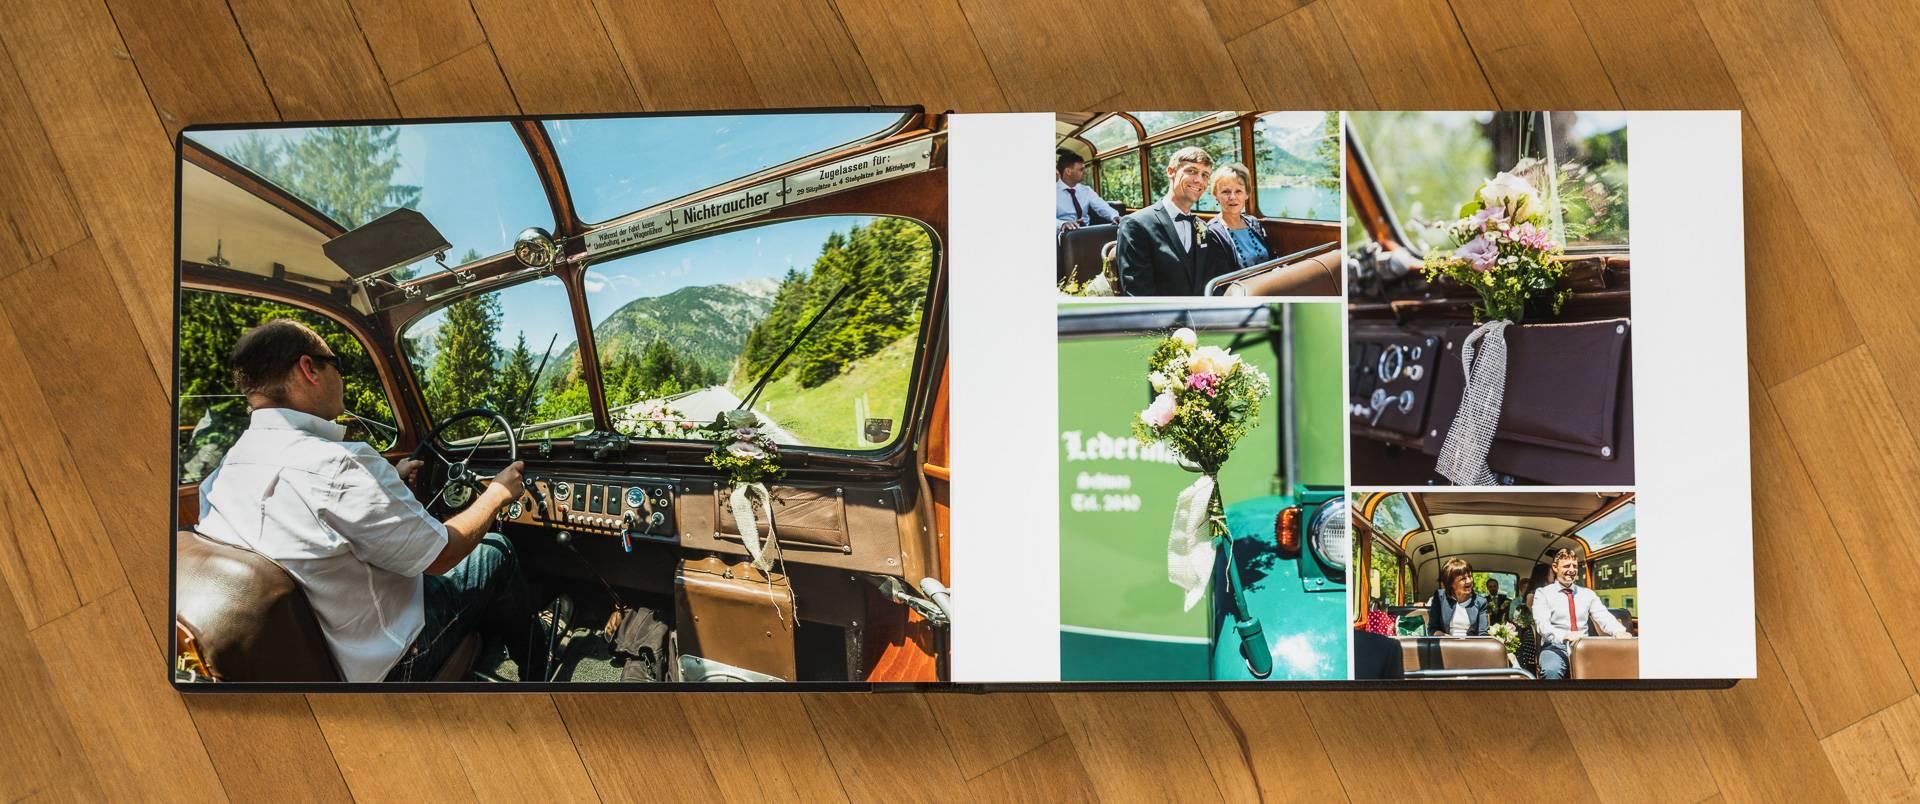 aschenputtel-hochzeitsfotograf-tirol-hochzeitsbuch-hochzeitsalbum